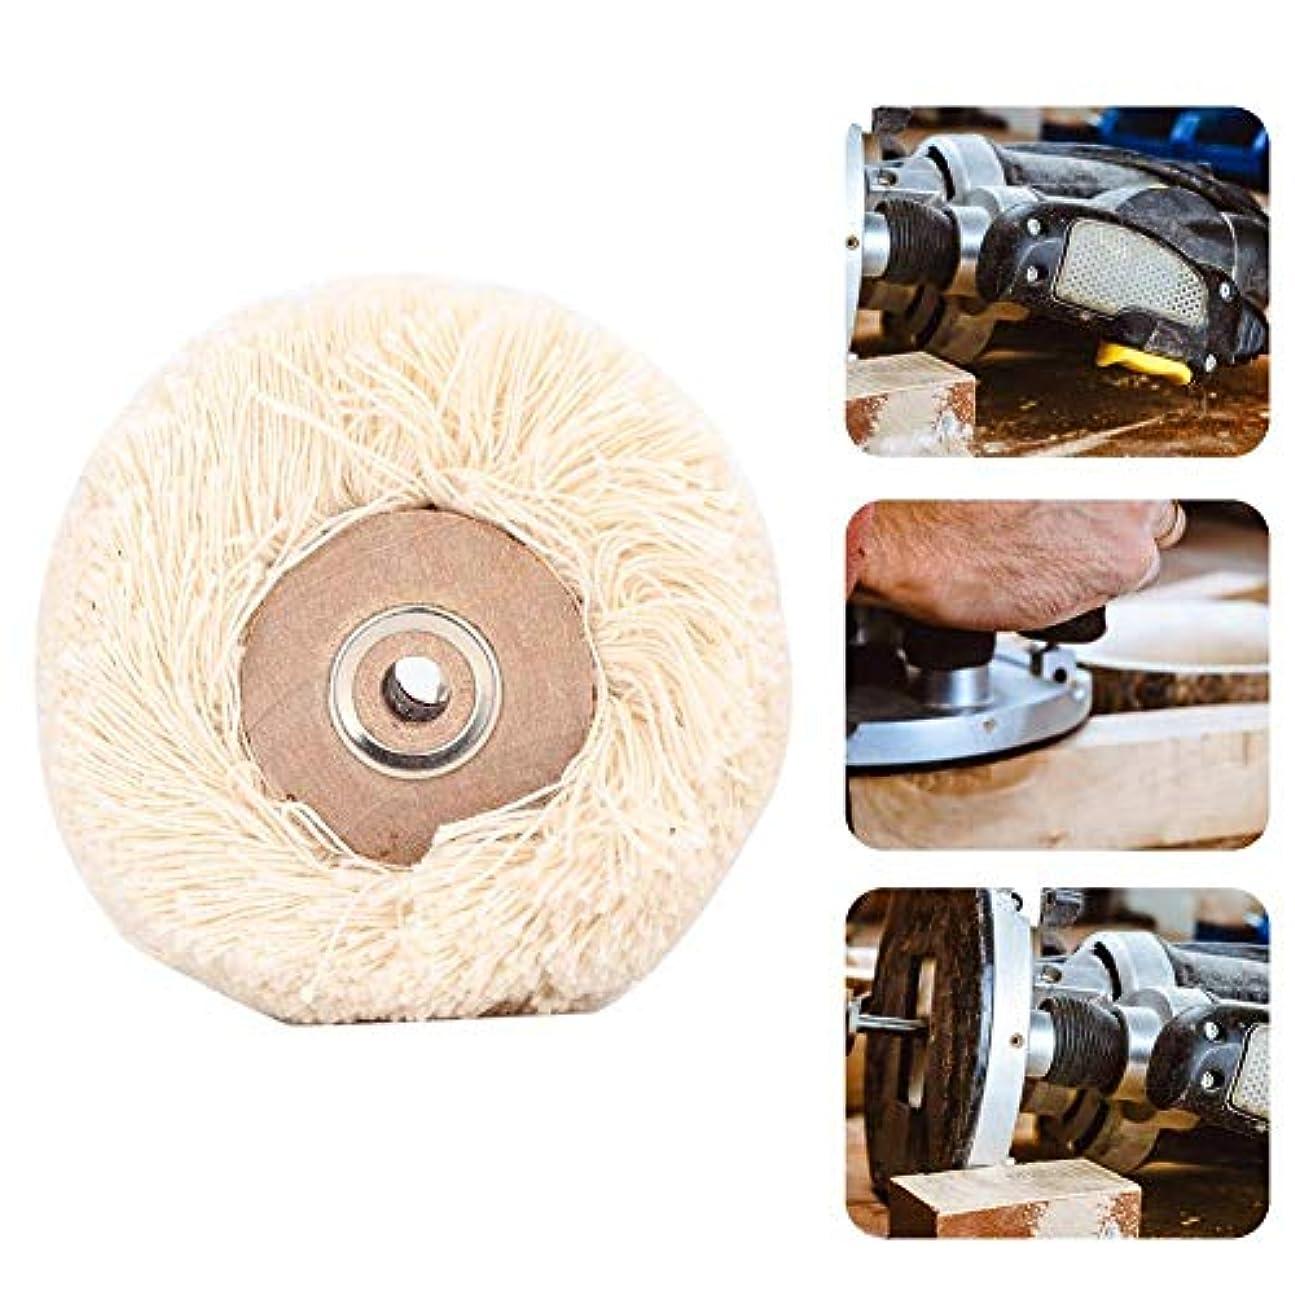 順応性のある希少性財産研磨ヘッド 回転工具 研磨ドリルグラインダーホイールブラシジュエリー研磨工具(M)